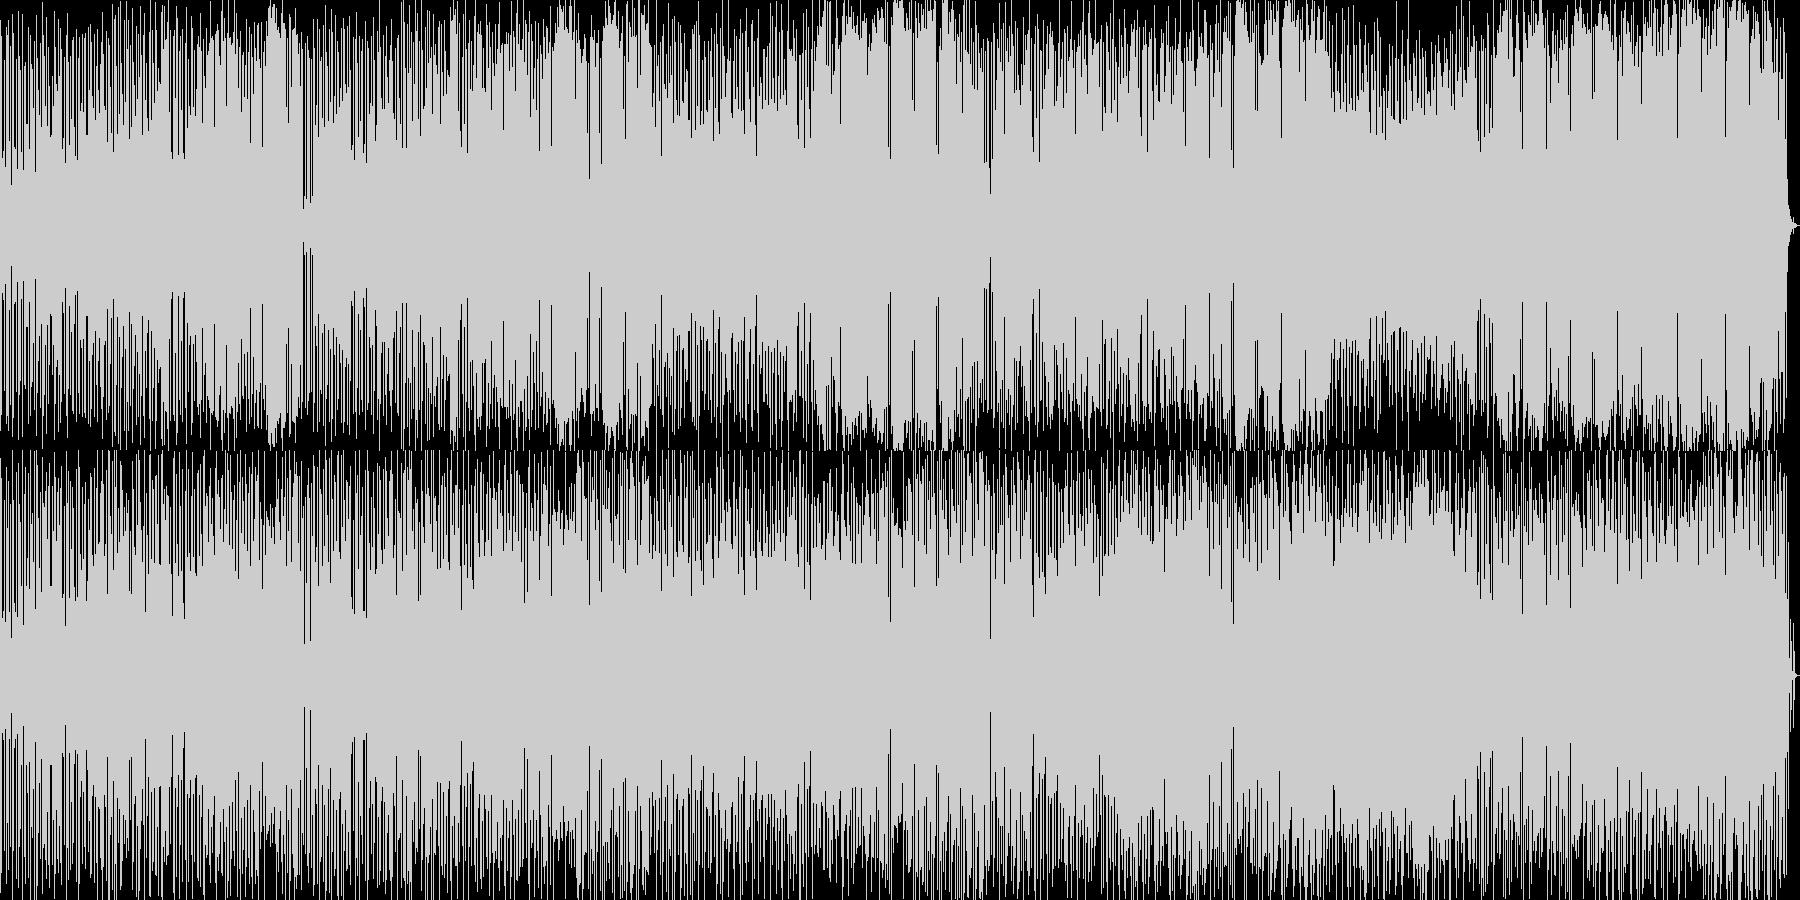 オールナイトニッポン風_ガットギター版の未再生の波形